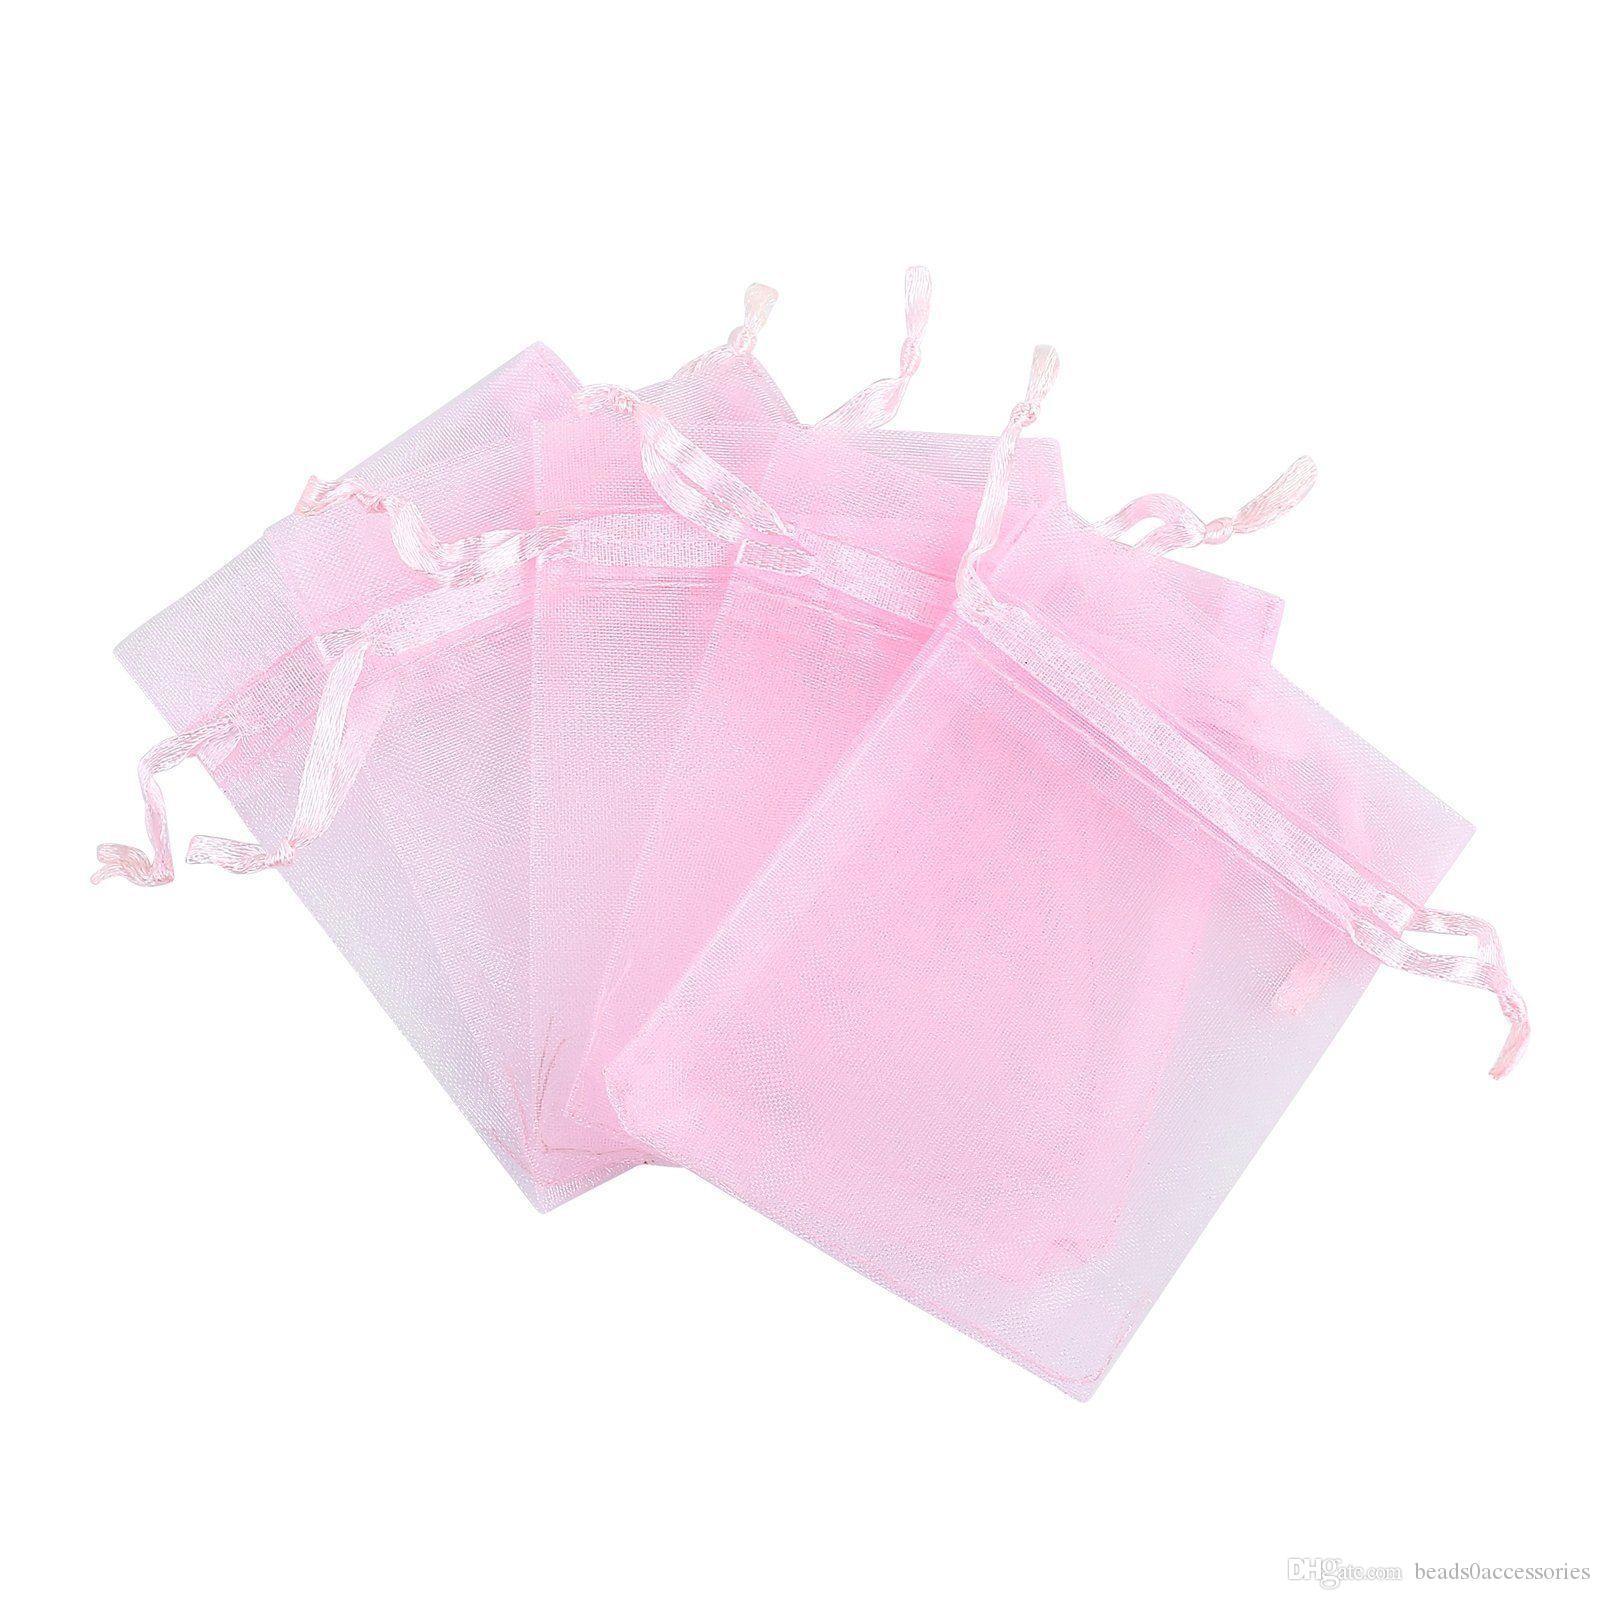 Sıcak satışlar ! PINK İpli Organze Hediye Çanta 7x9cm 9x12cm 10x15cm Düğün Noel takı Bags Favor